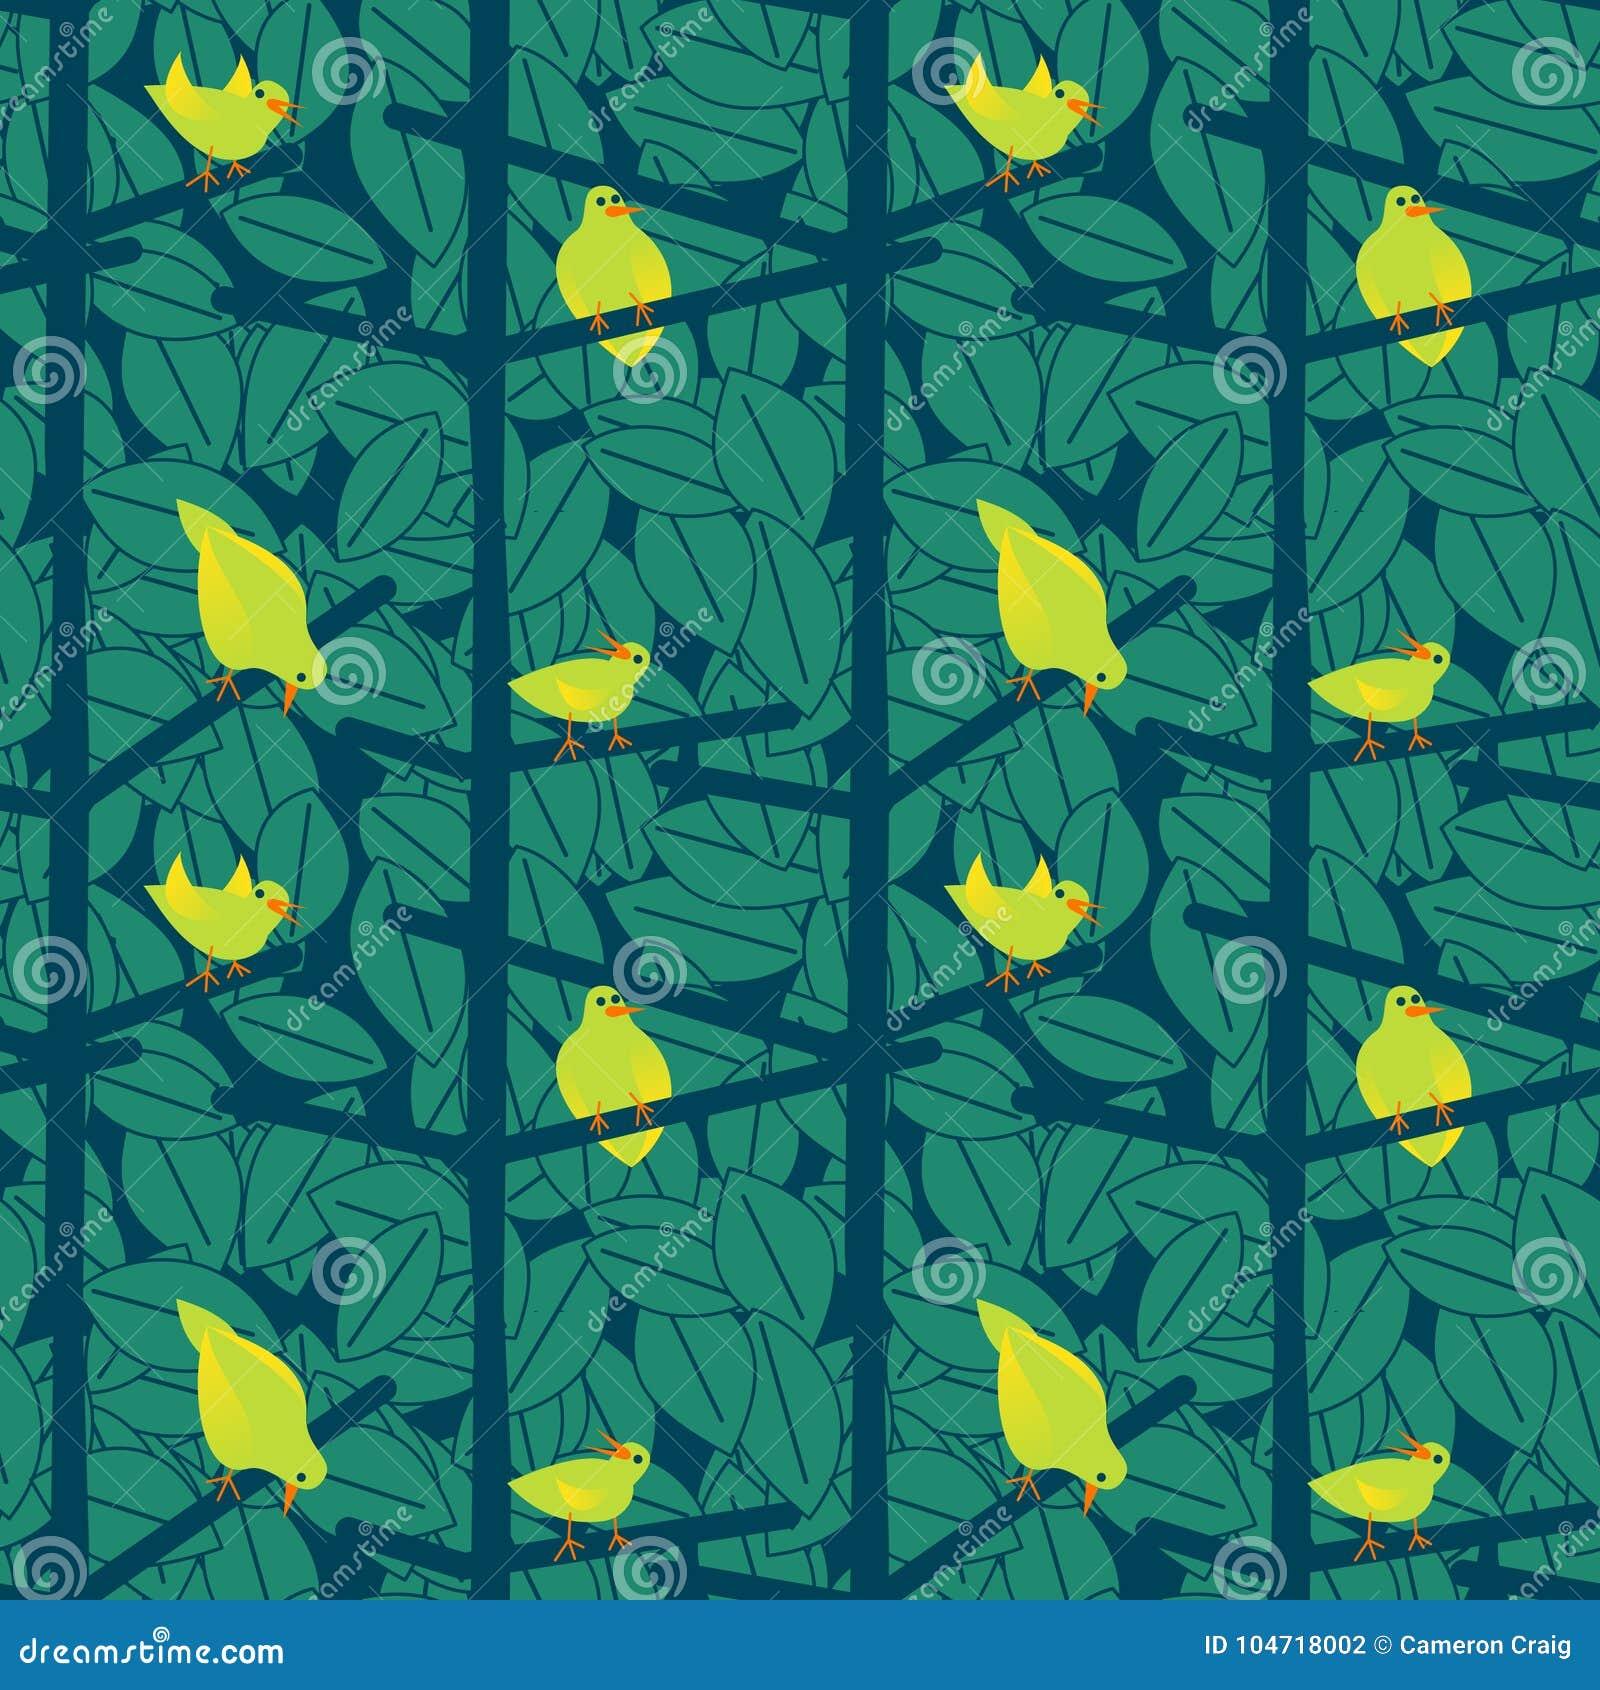 Oiseaux scandinaves dans un modèle de Bush - illustration